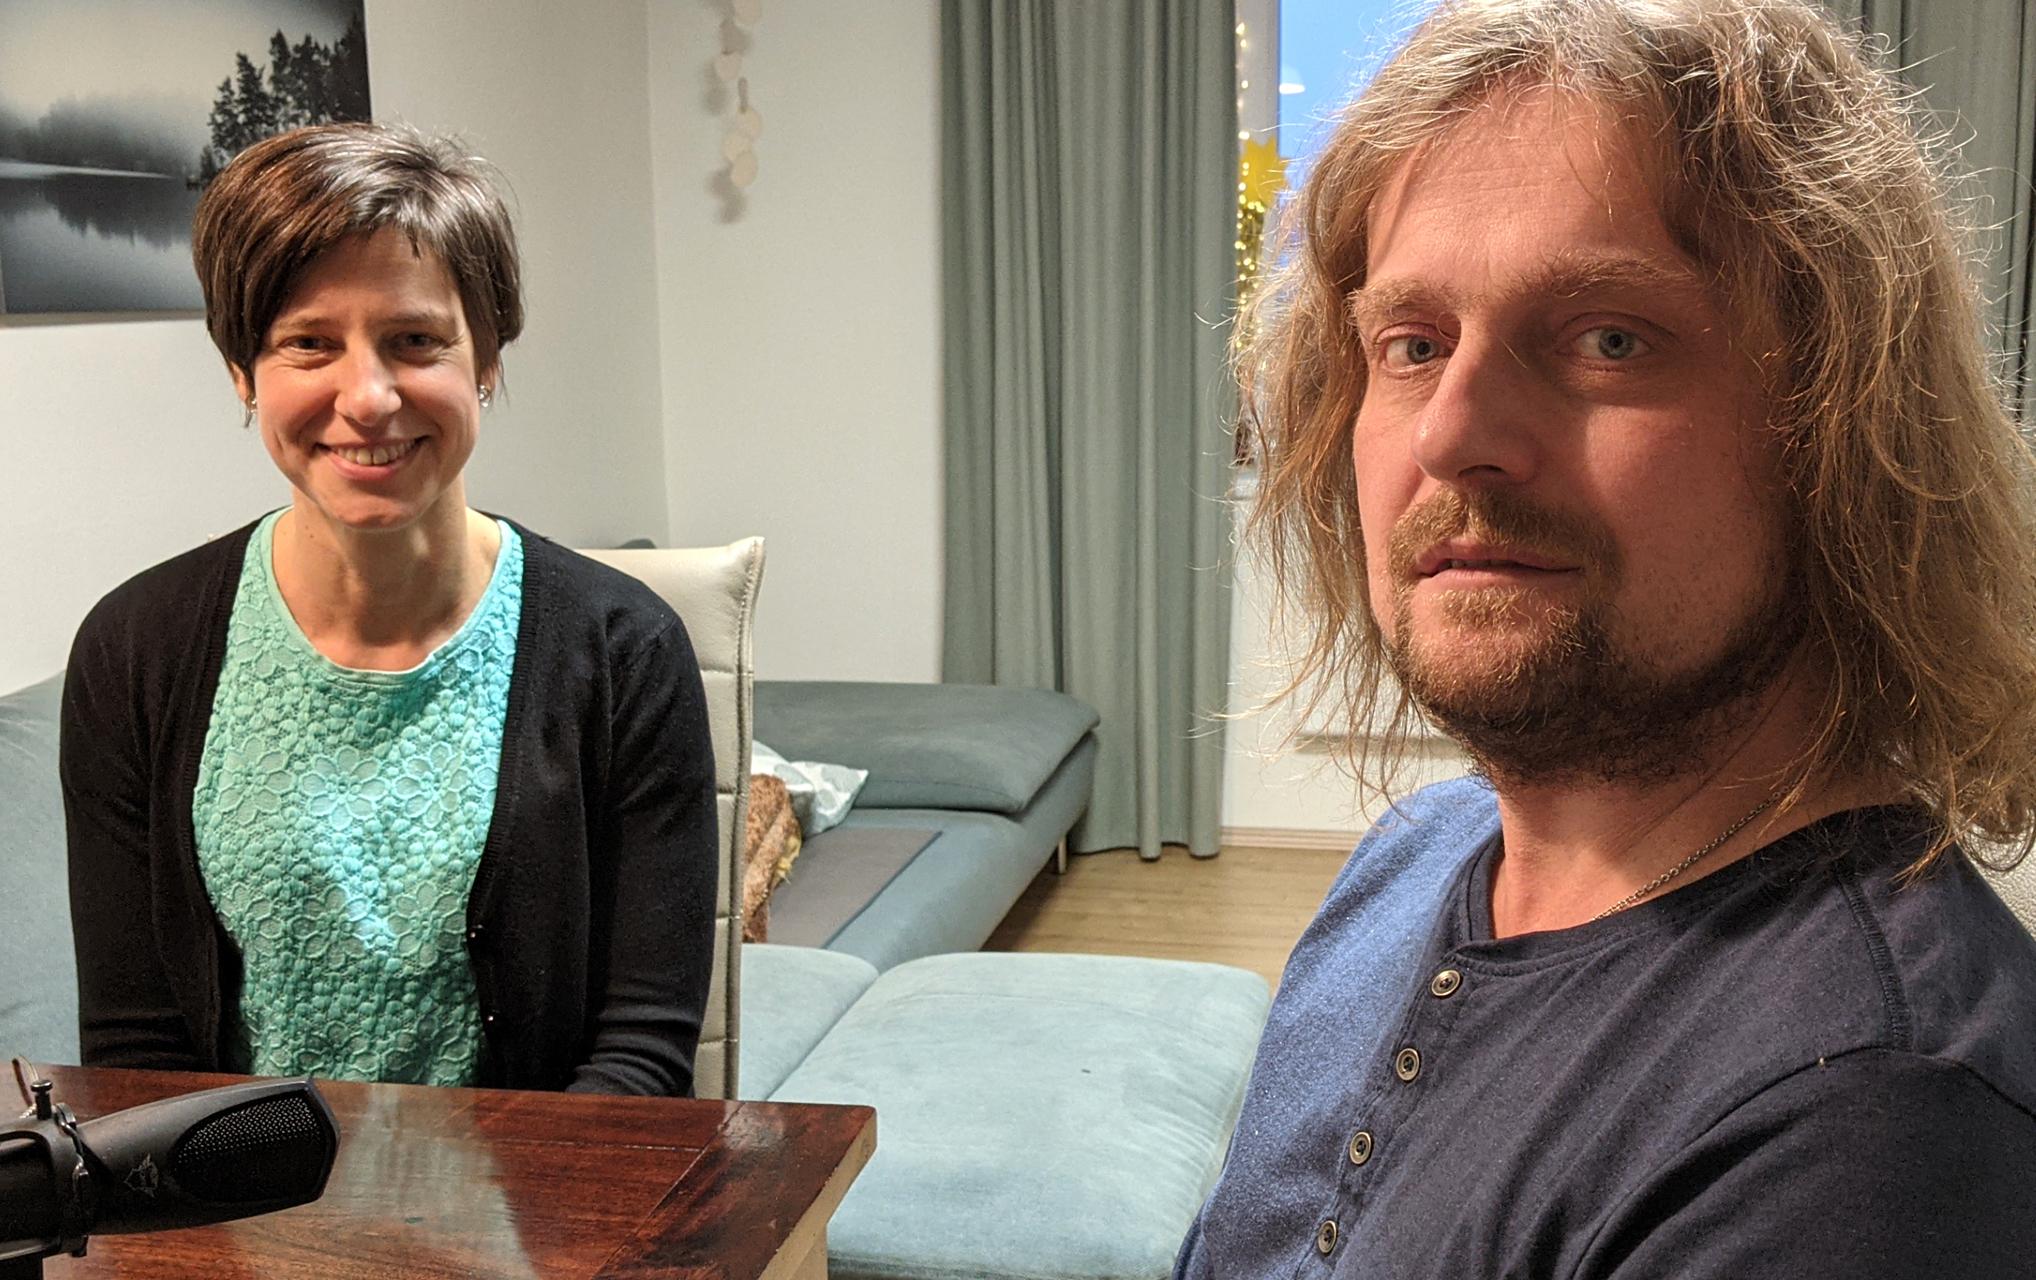 Redaktorka Adéla Pospíchalová a host Vladislav Günter. Zdroj: APIV-B